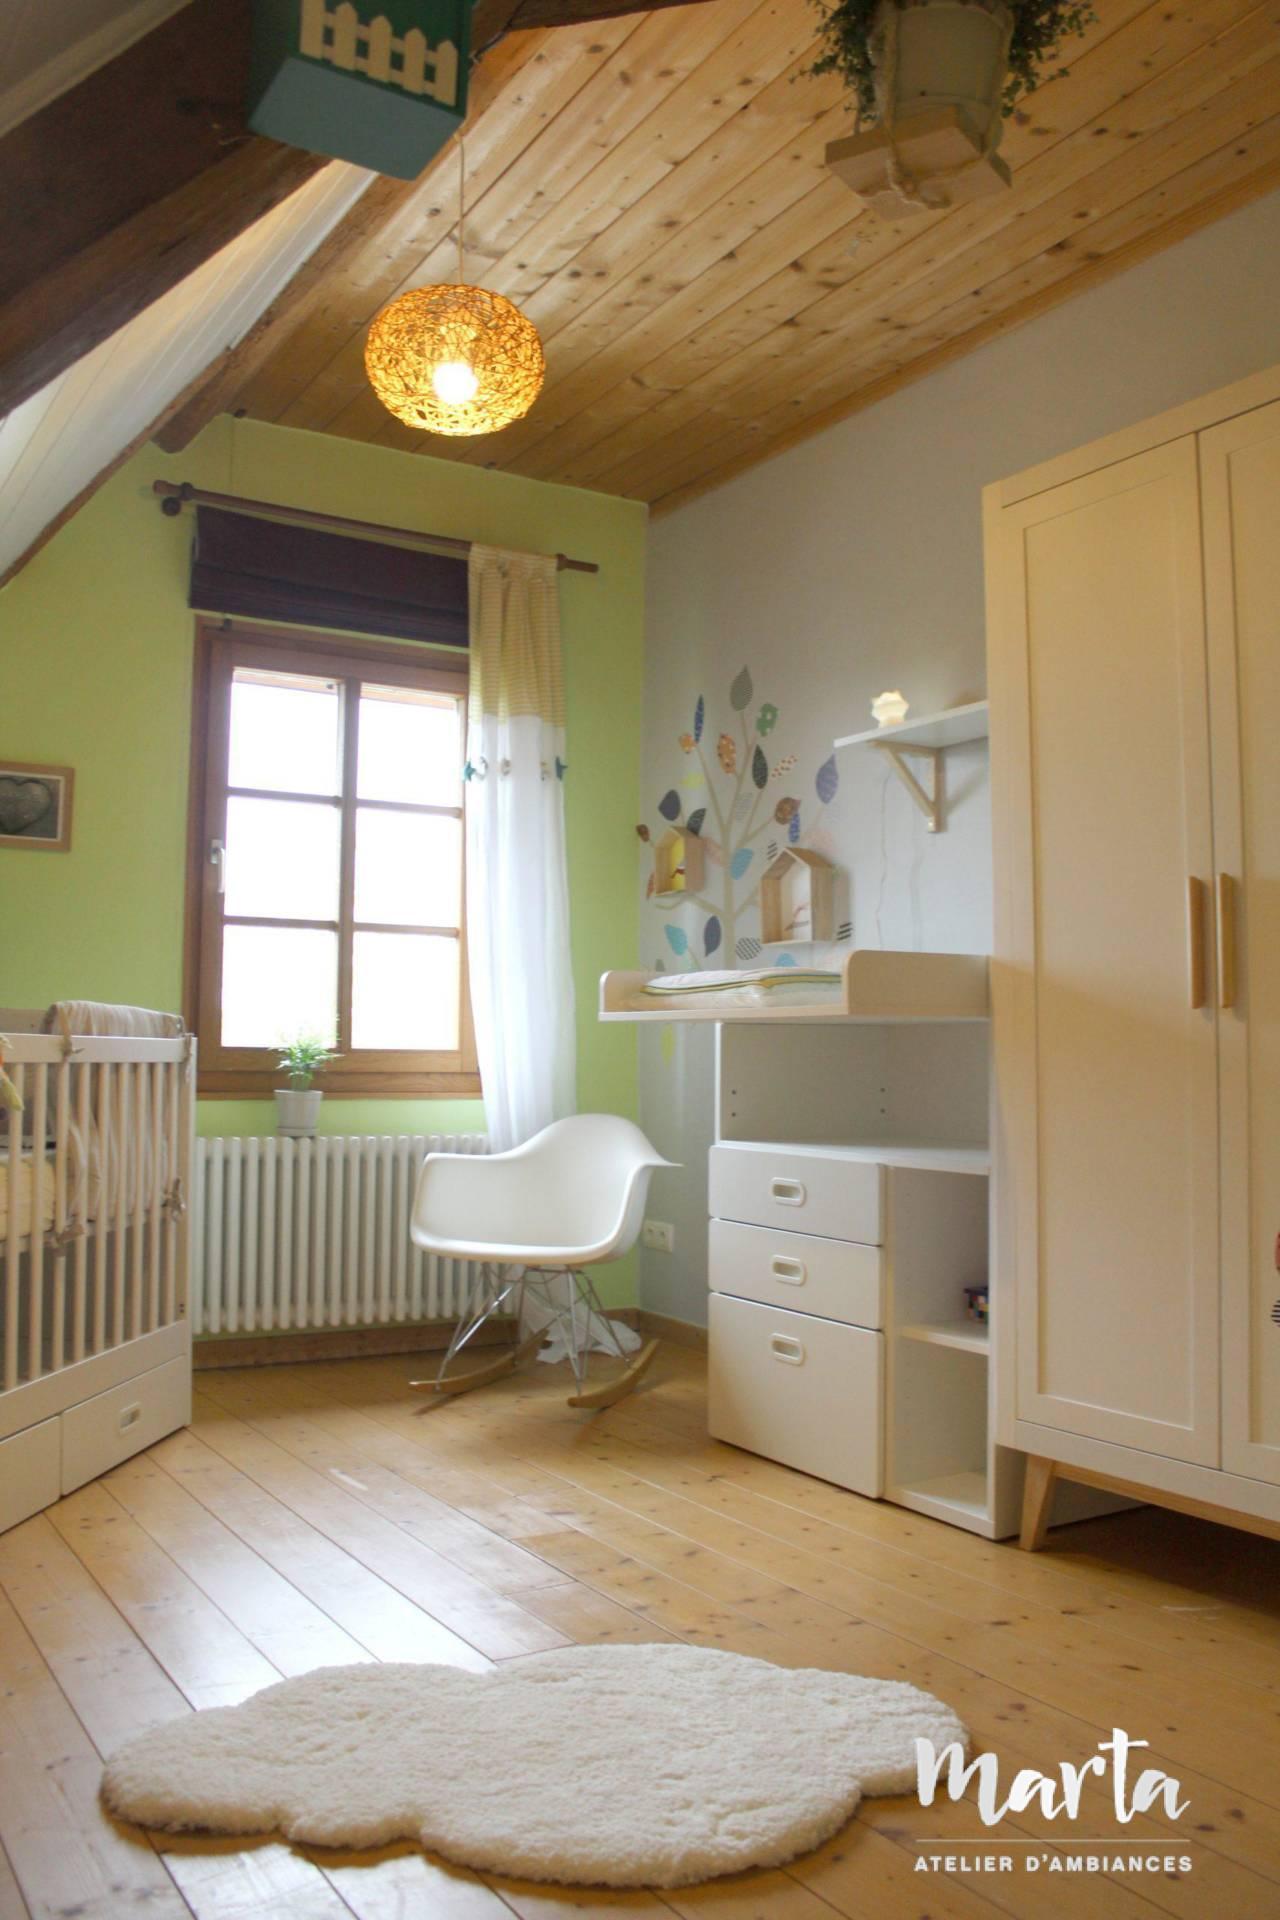 Vue sur l'ensemble de la chambre, par Marta Atelier d'Ambiances, Architecte d'intérieur à Mulhouse, Alsace